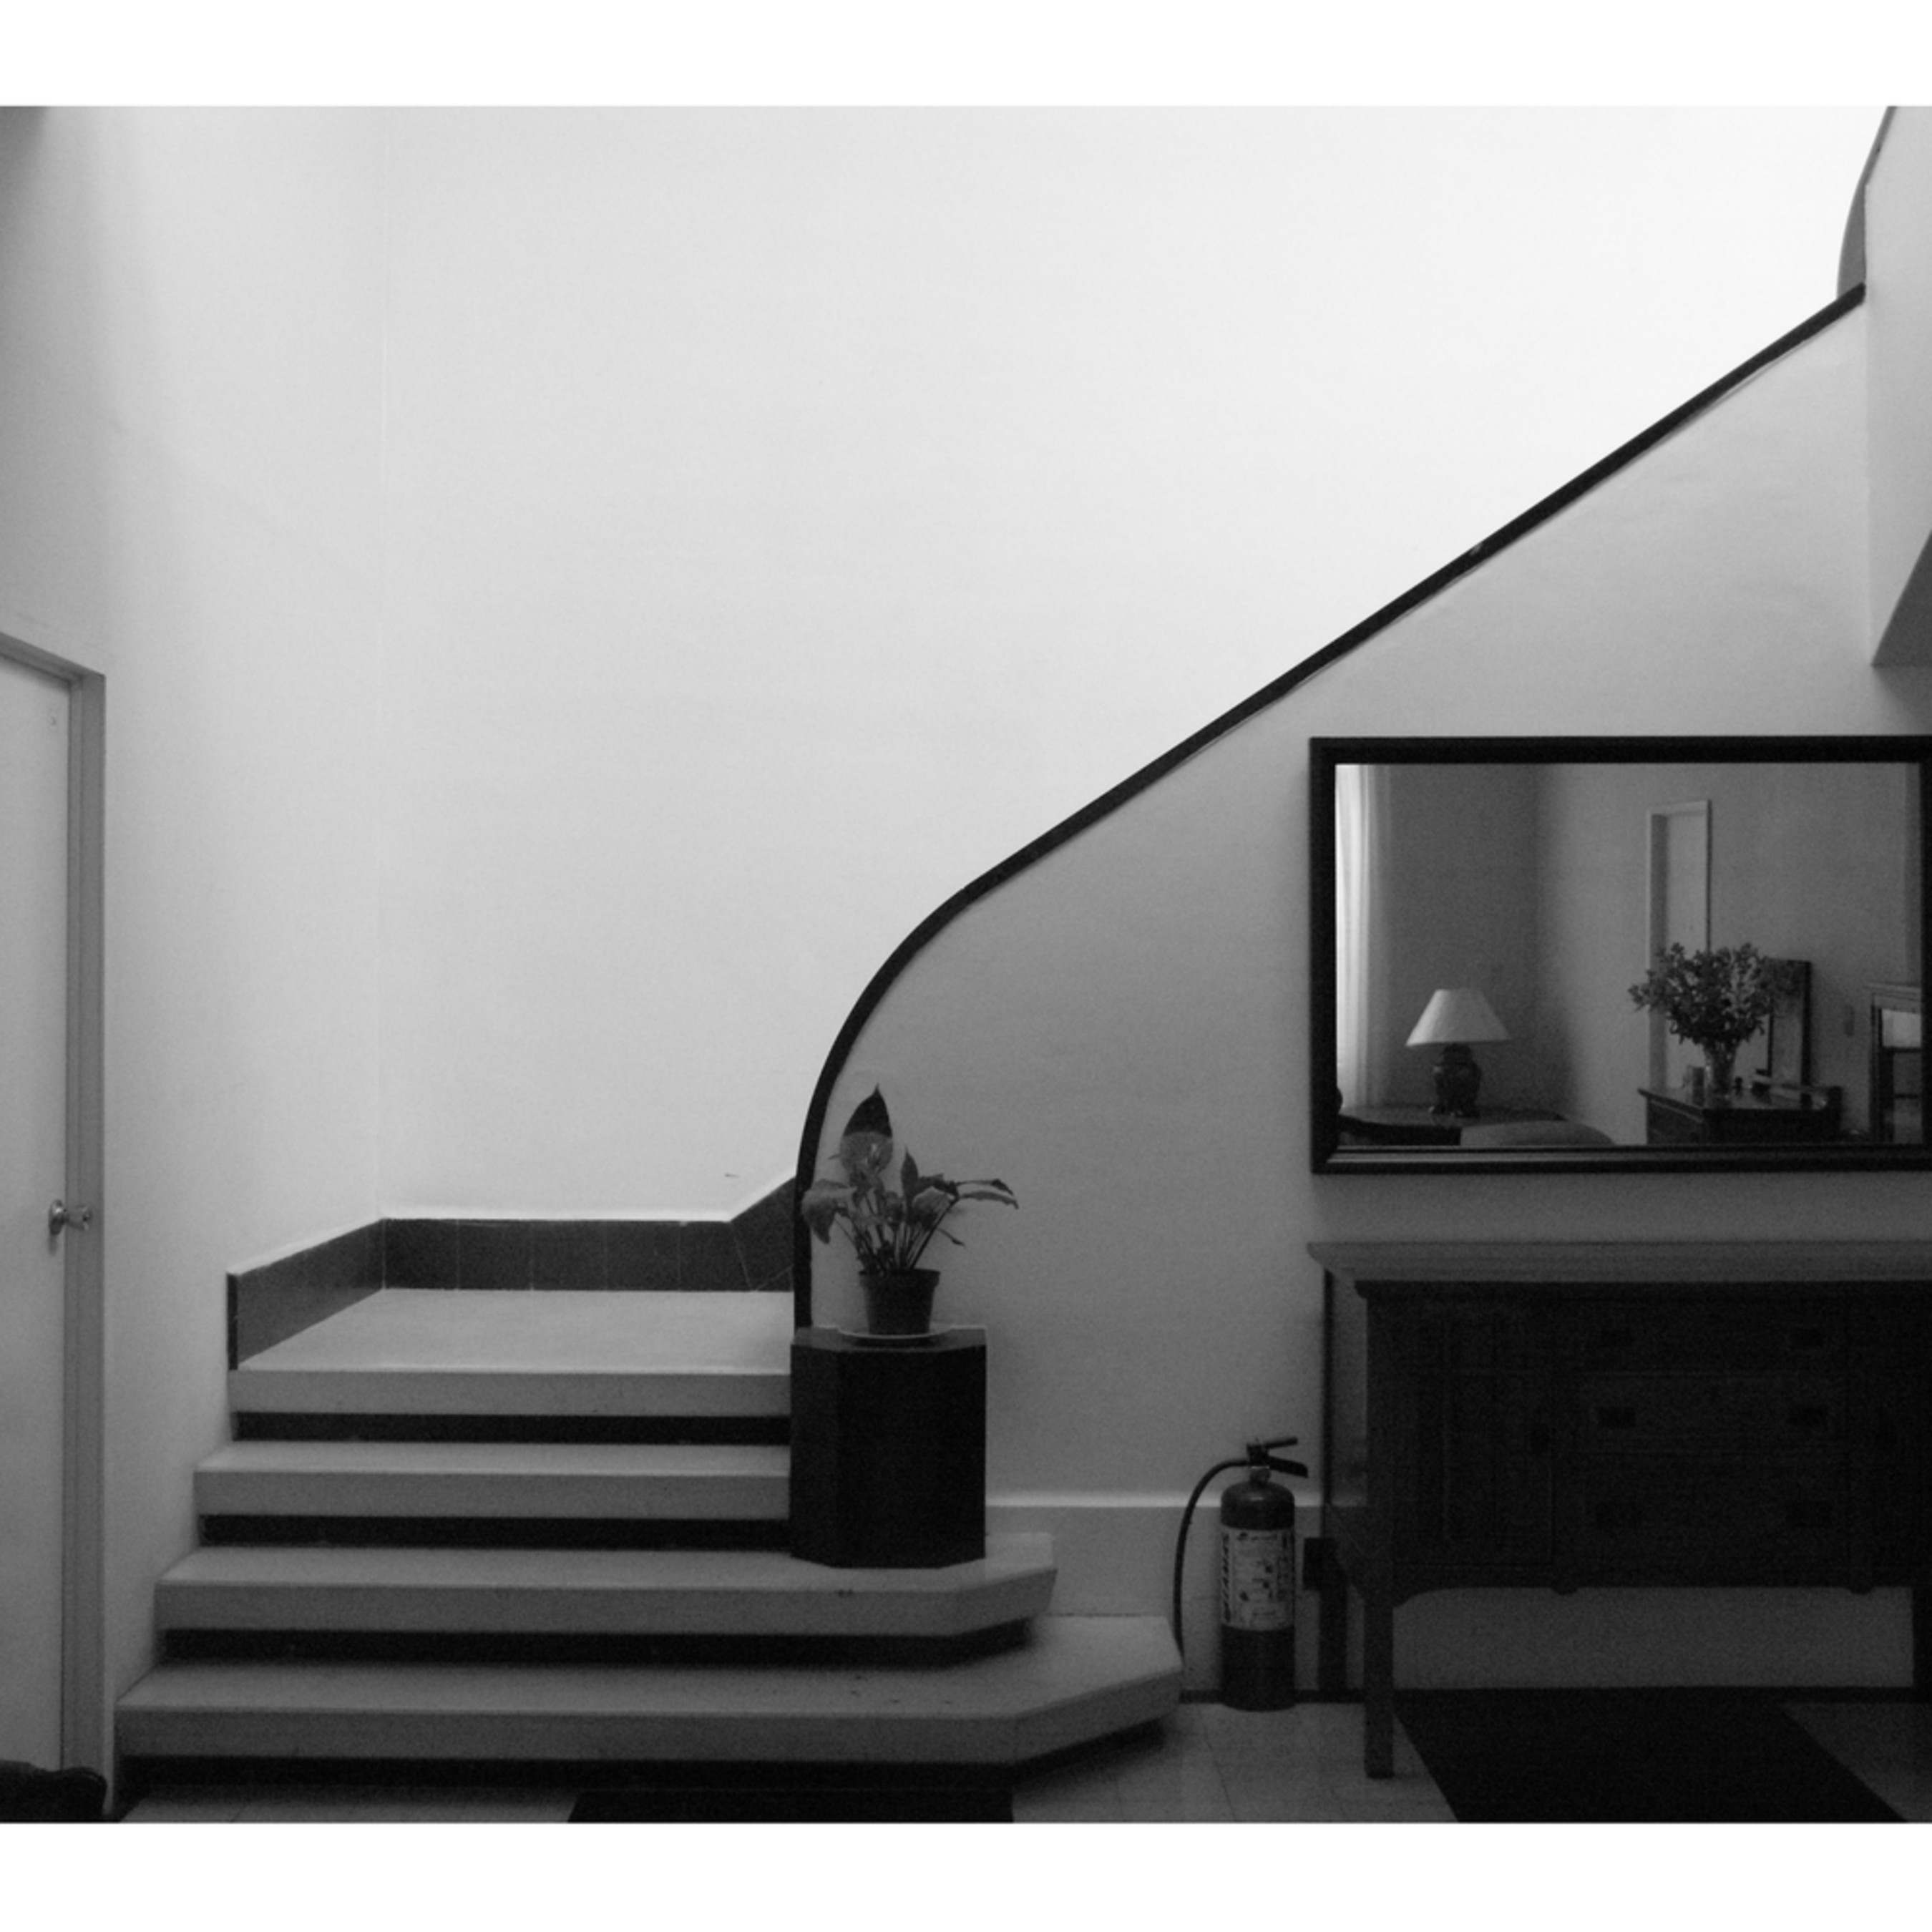 Mexico city b b stairs 9x12 rzmrym